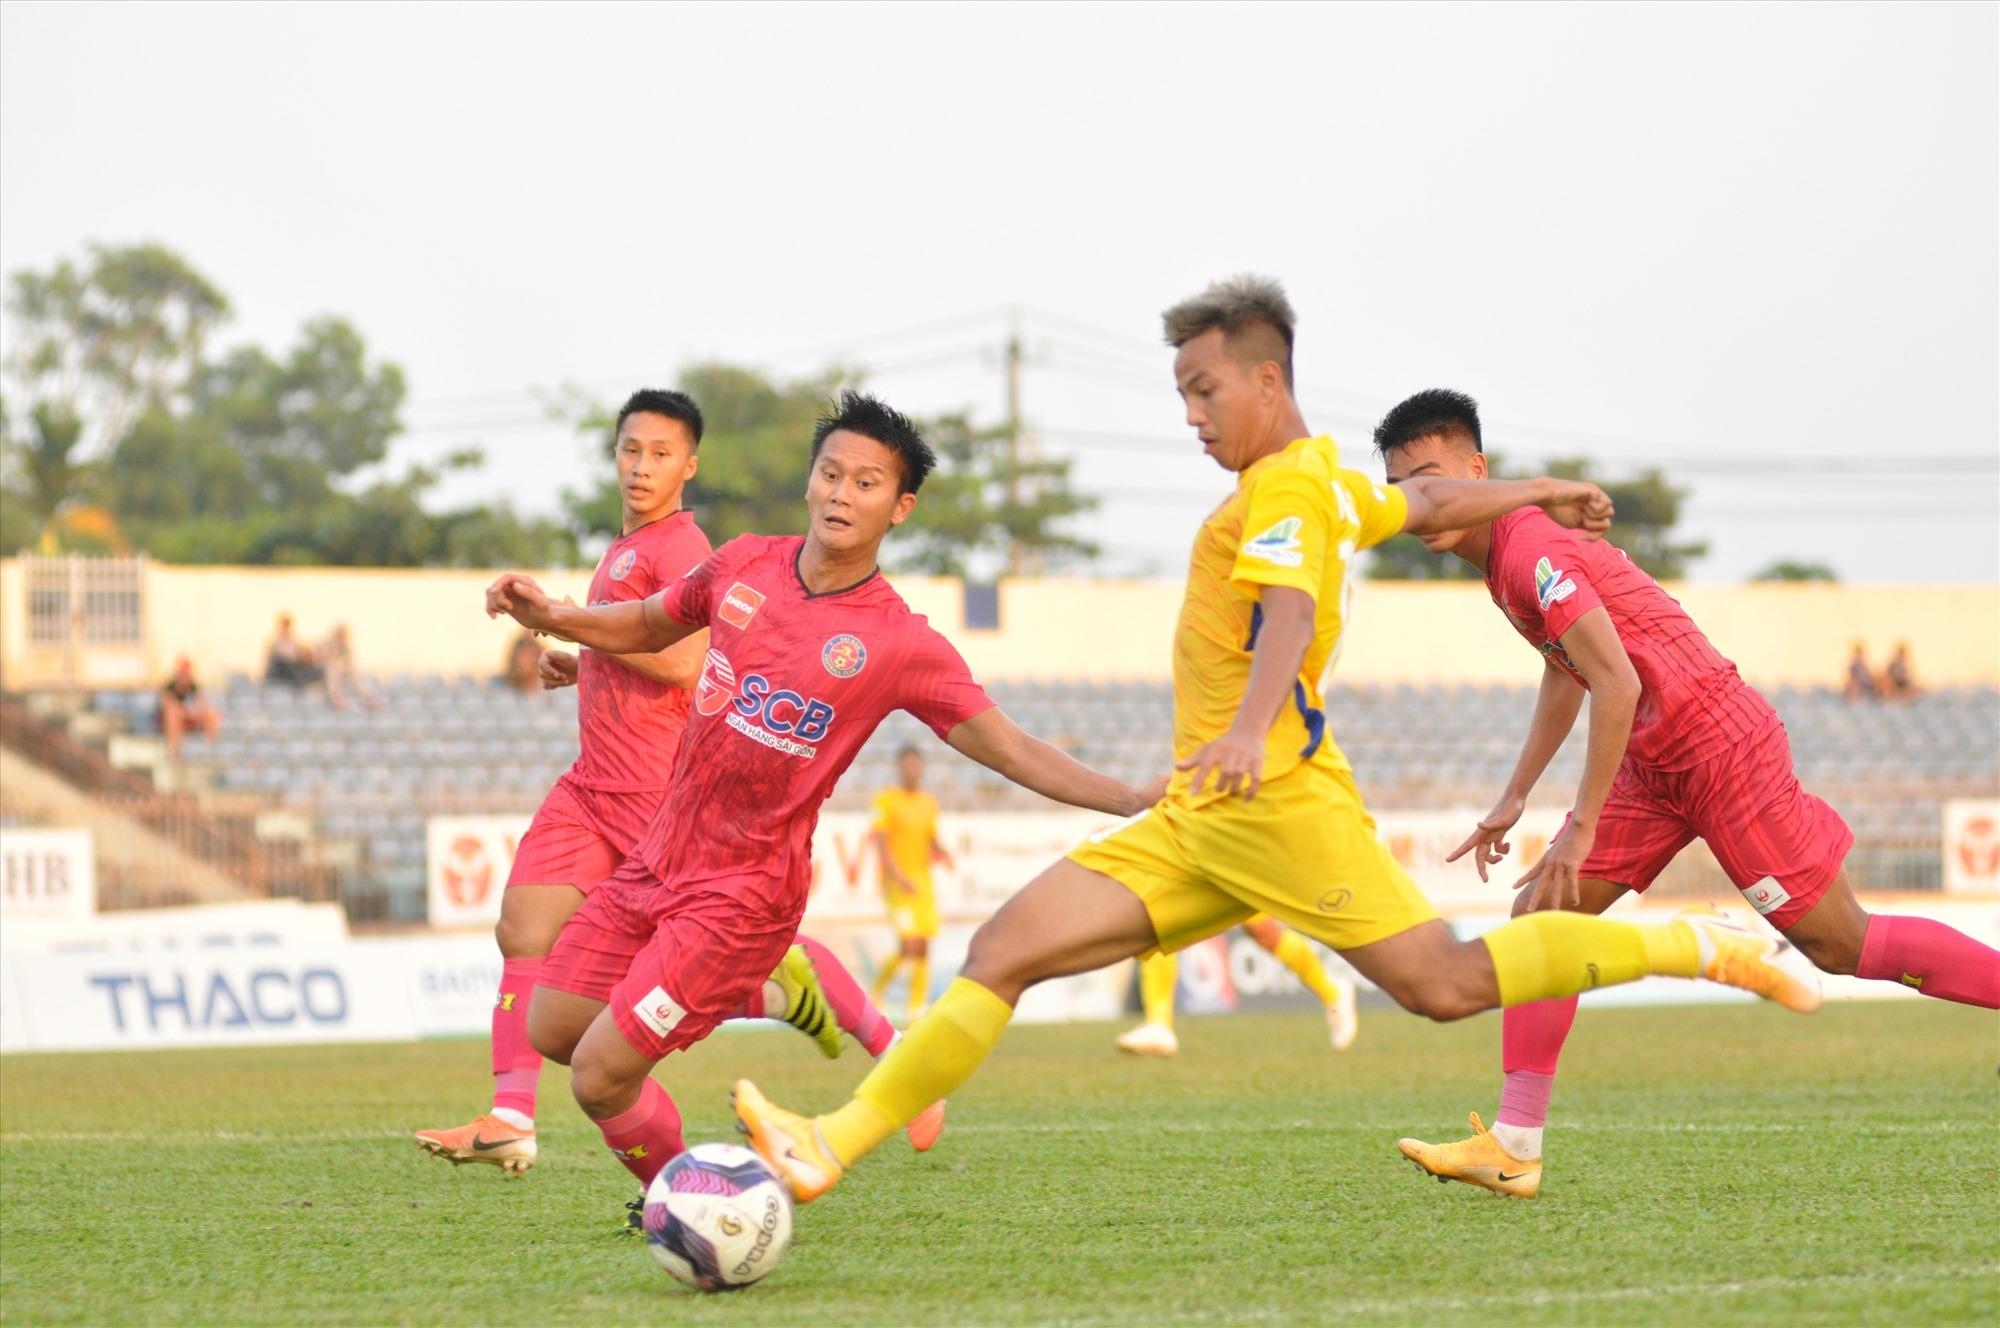 Hữu Sơn (áo vàng) thi đấu ấn tượng, ghi 1 bàn thắng và kiến tạo 1 pha cho Thanh Trung ghi bàn. Ảnh: T.V